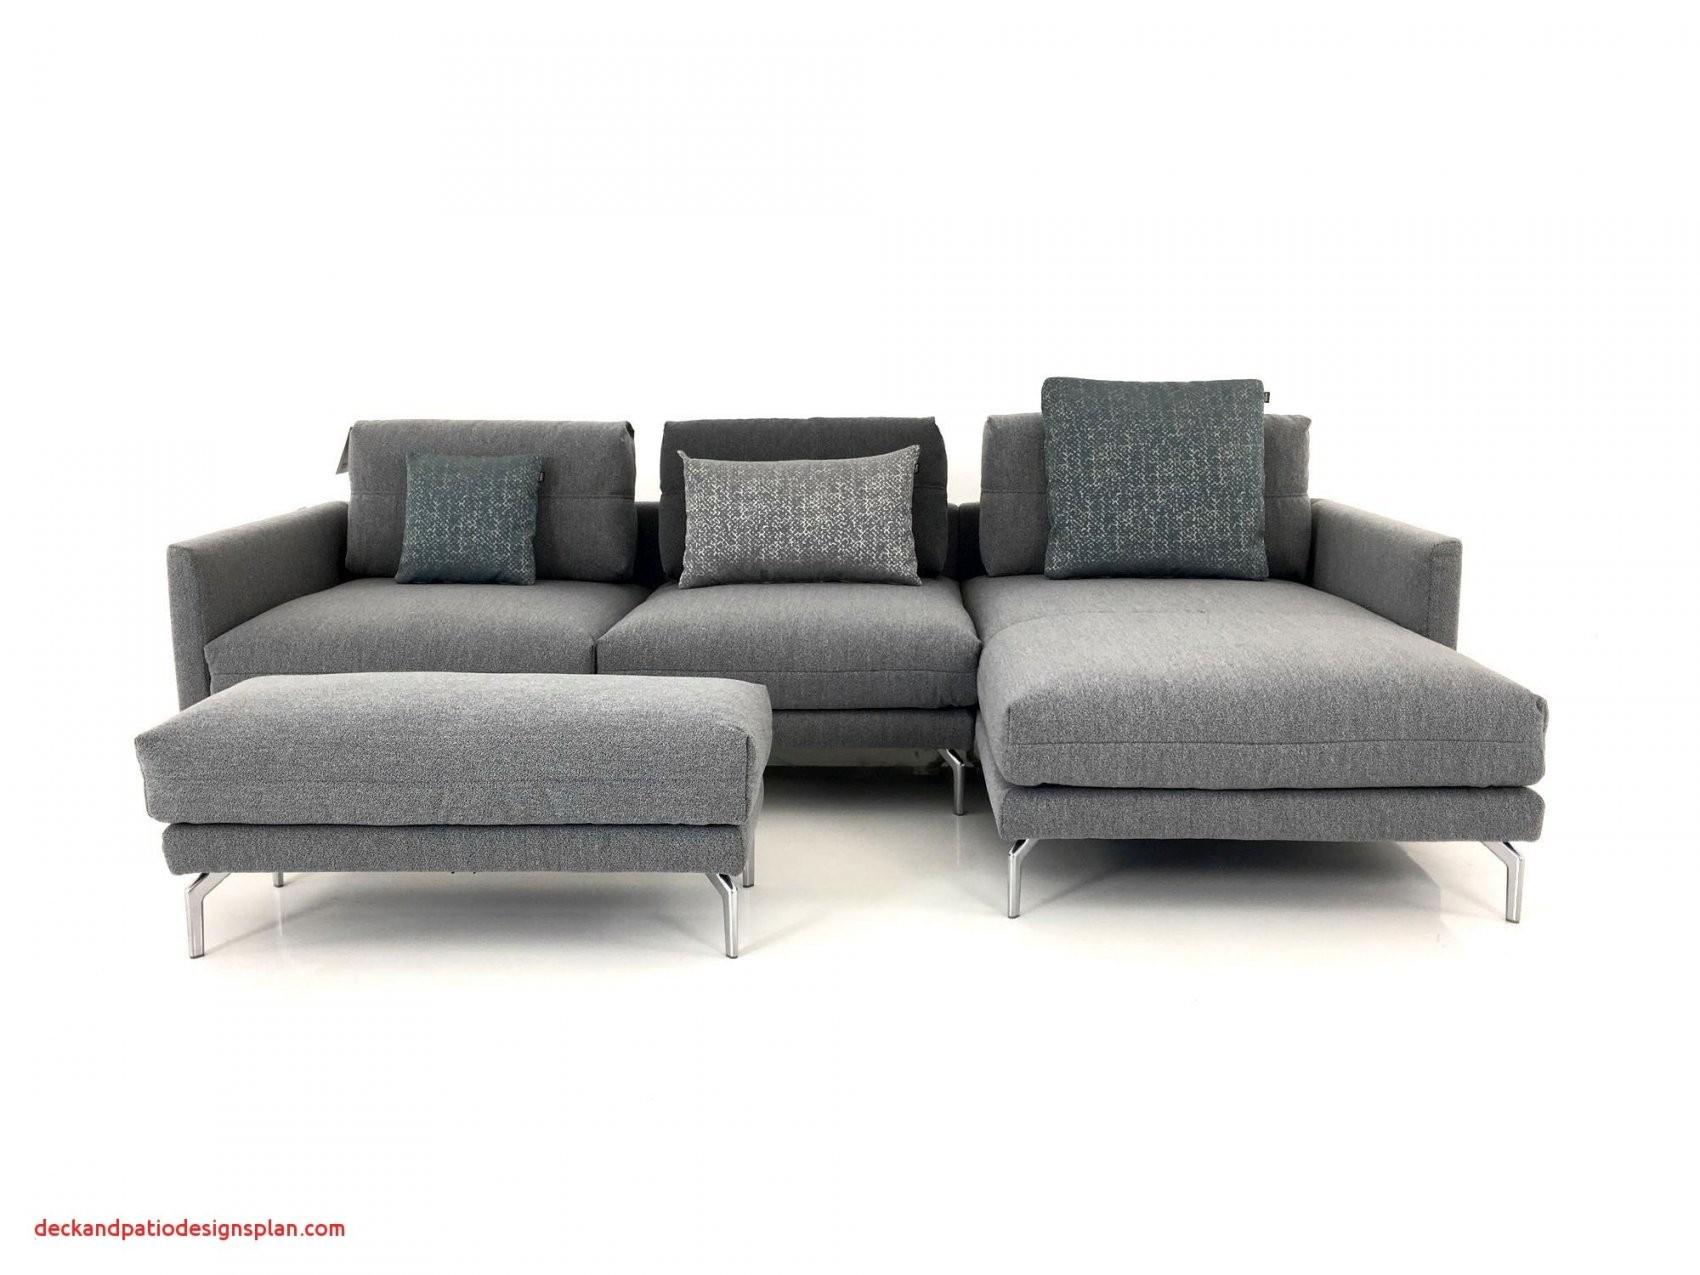 2 Sitzer Sofa Einzigartig Ikea 2 Sitzer Neu 25 Galerie 3 Sitzer Sofa von Sofaüberwurf 3 Sitzer Bild